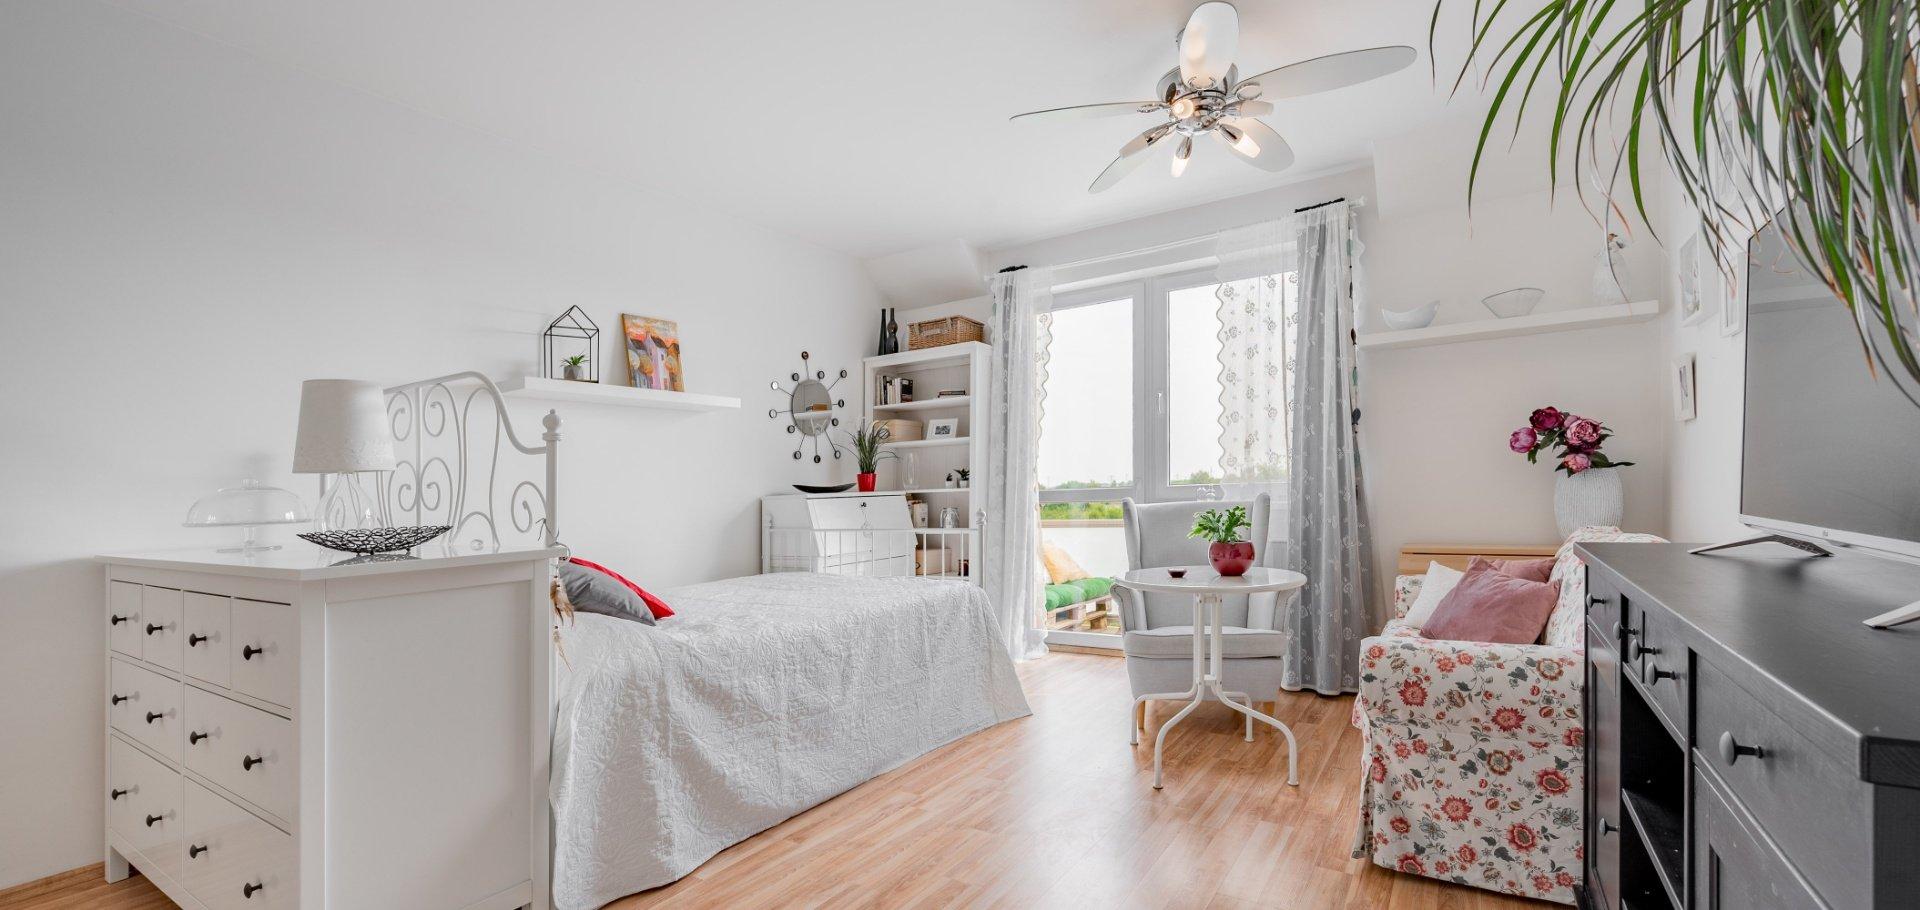 Prodej útulného bytu 1+kk se sklepem, 43m², Praha - Písnice